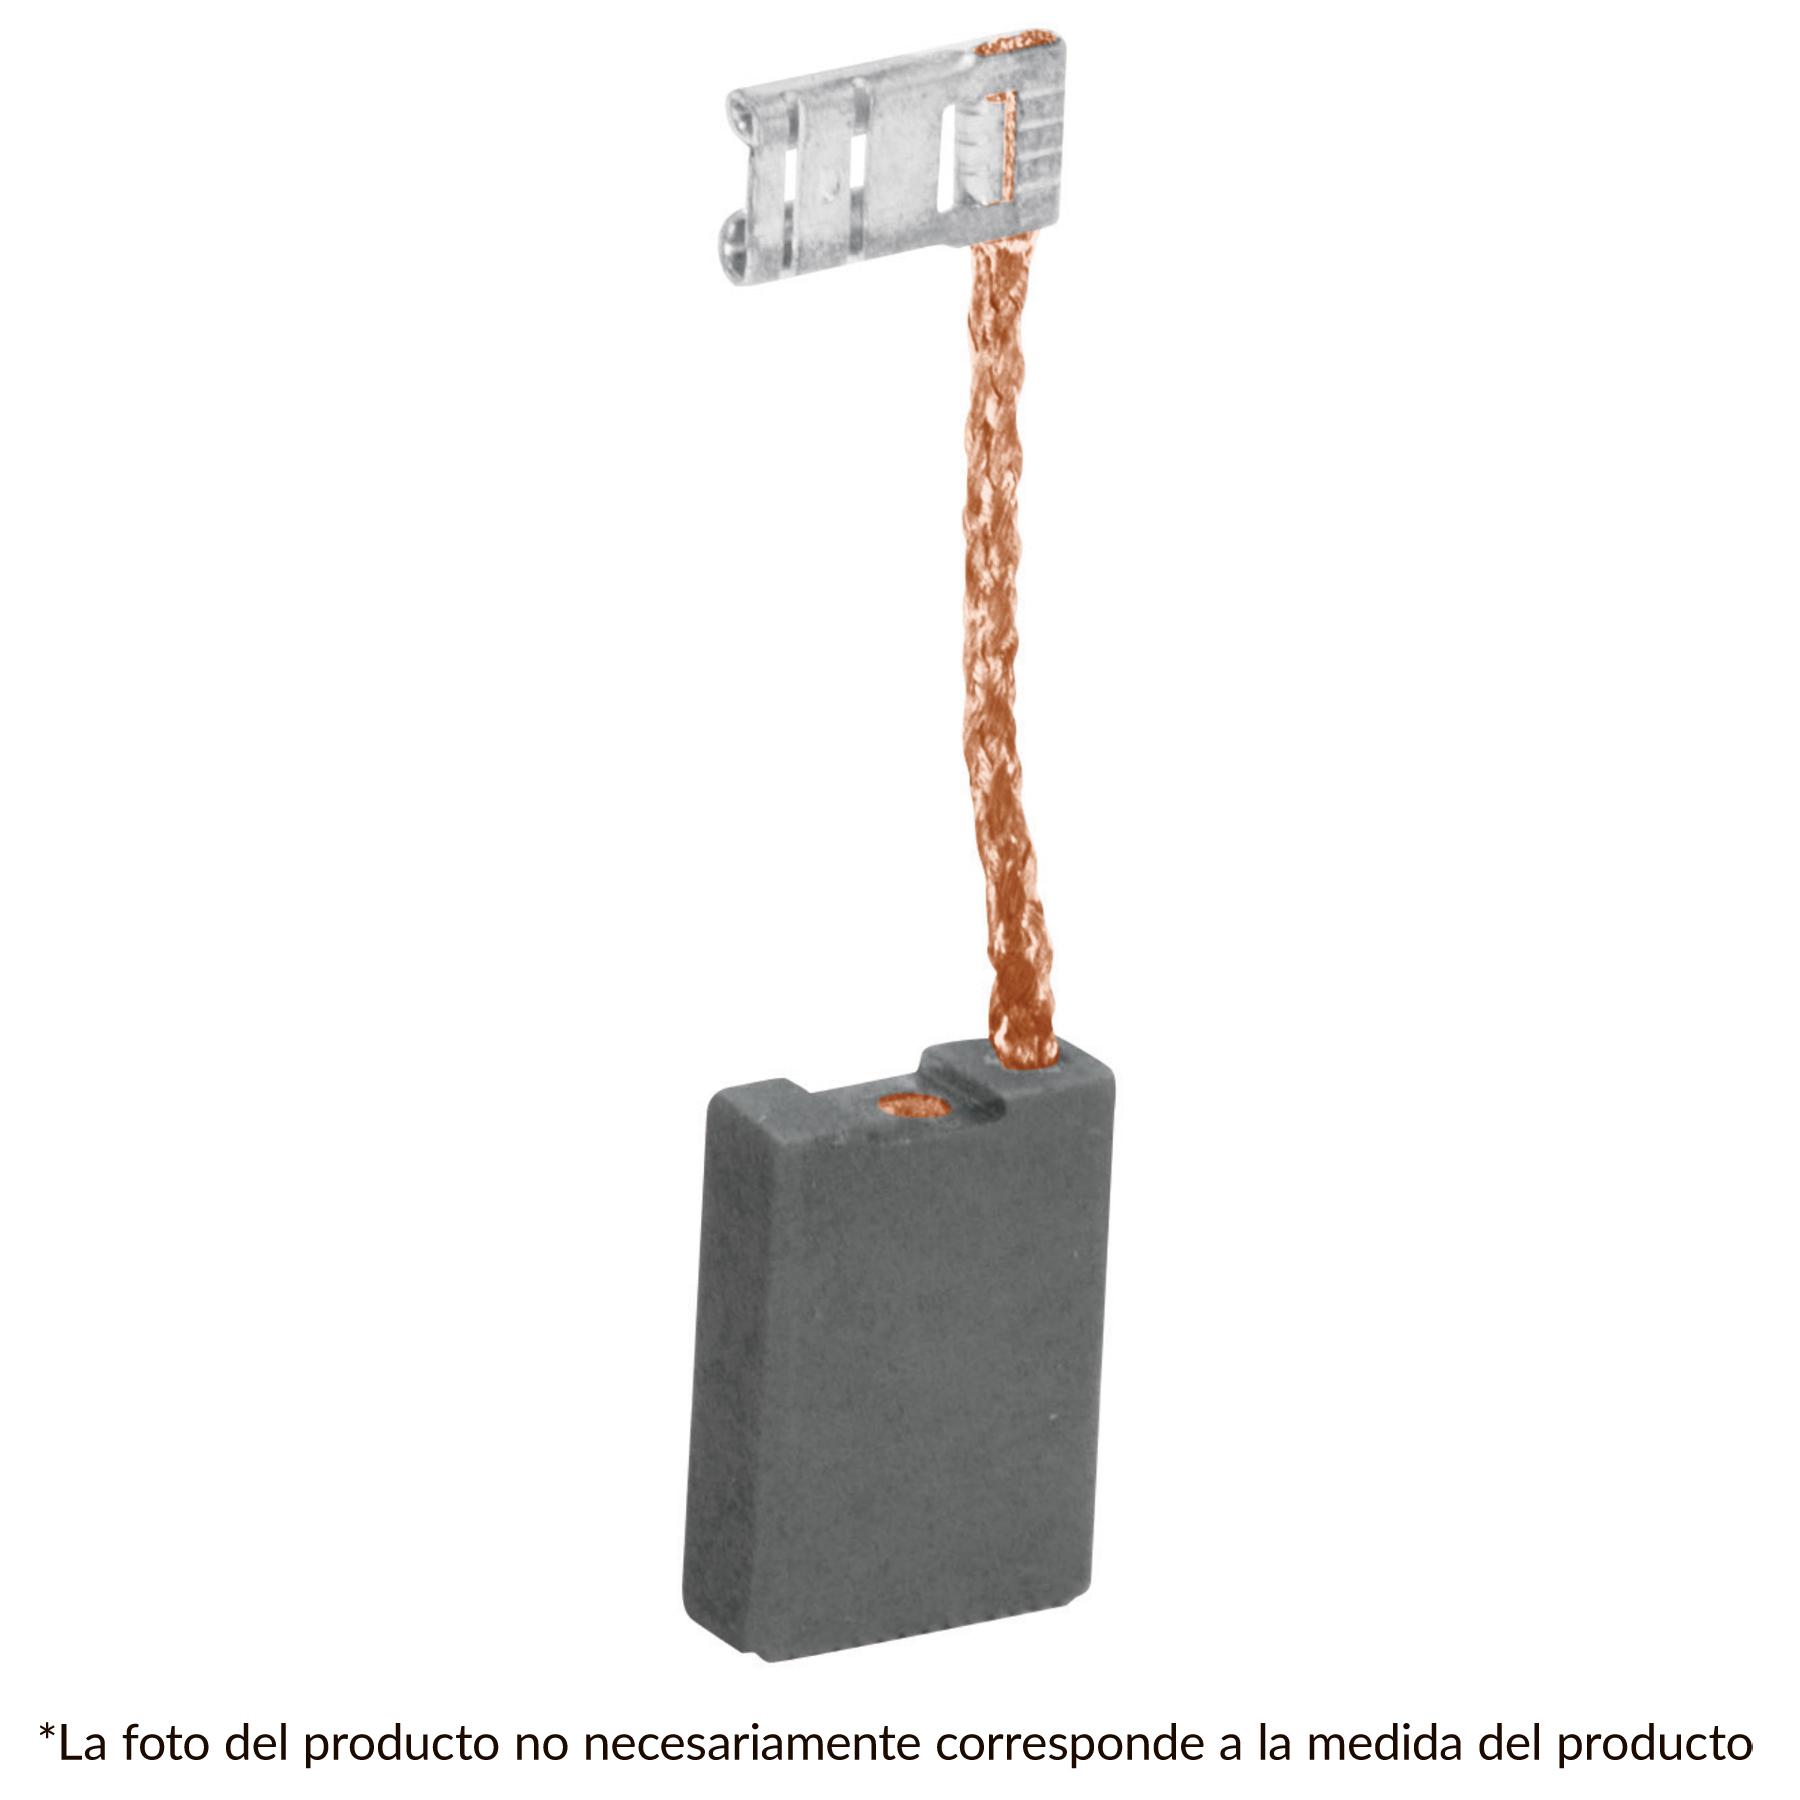 Carbones de repuesto para esmeriladora, ESMA-9N2